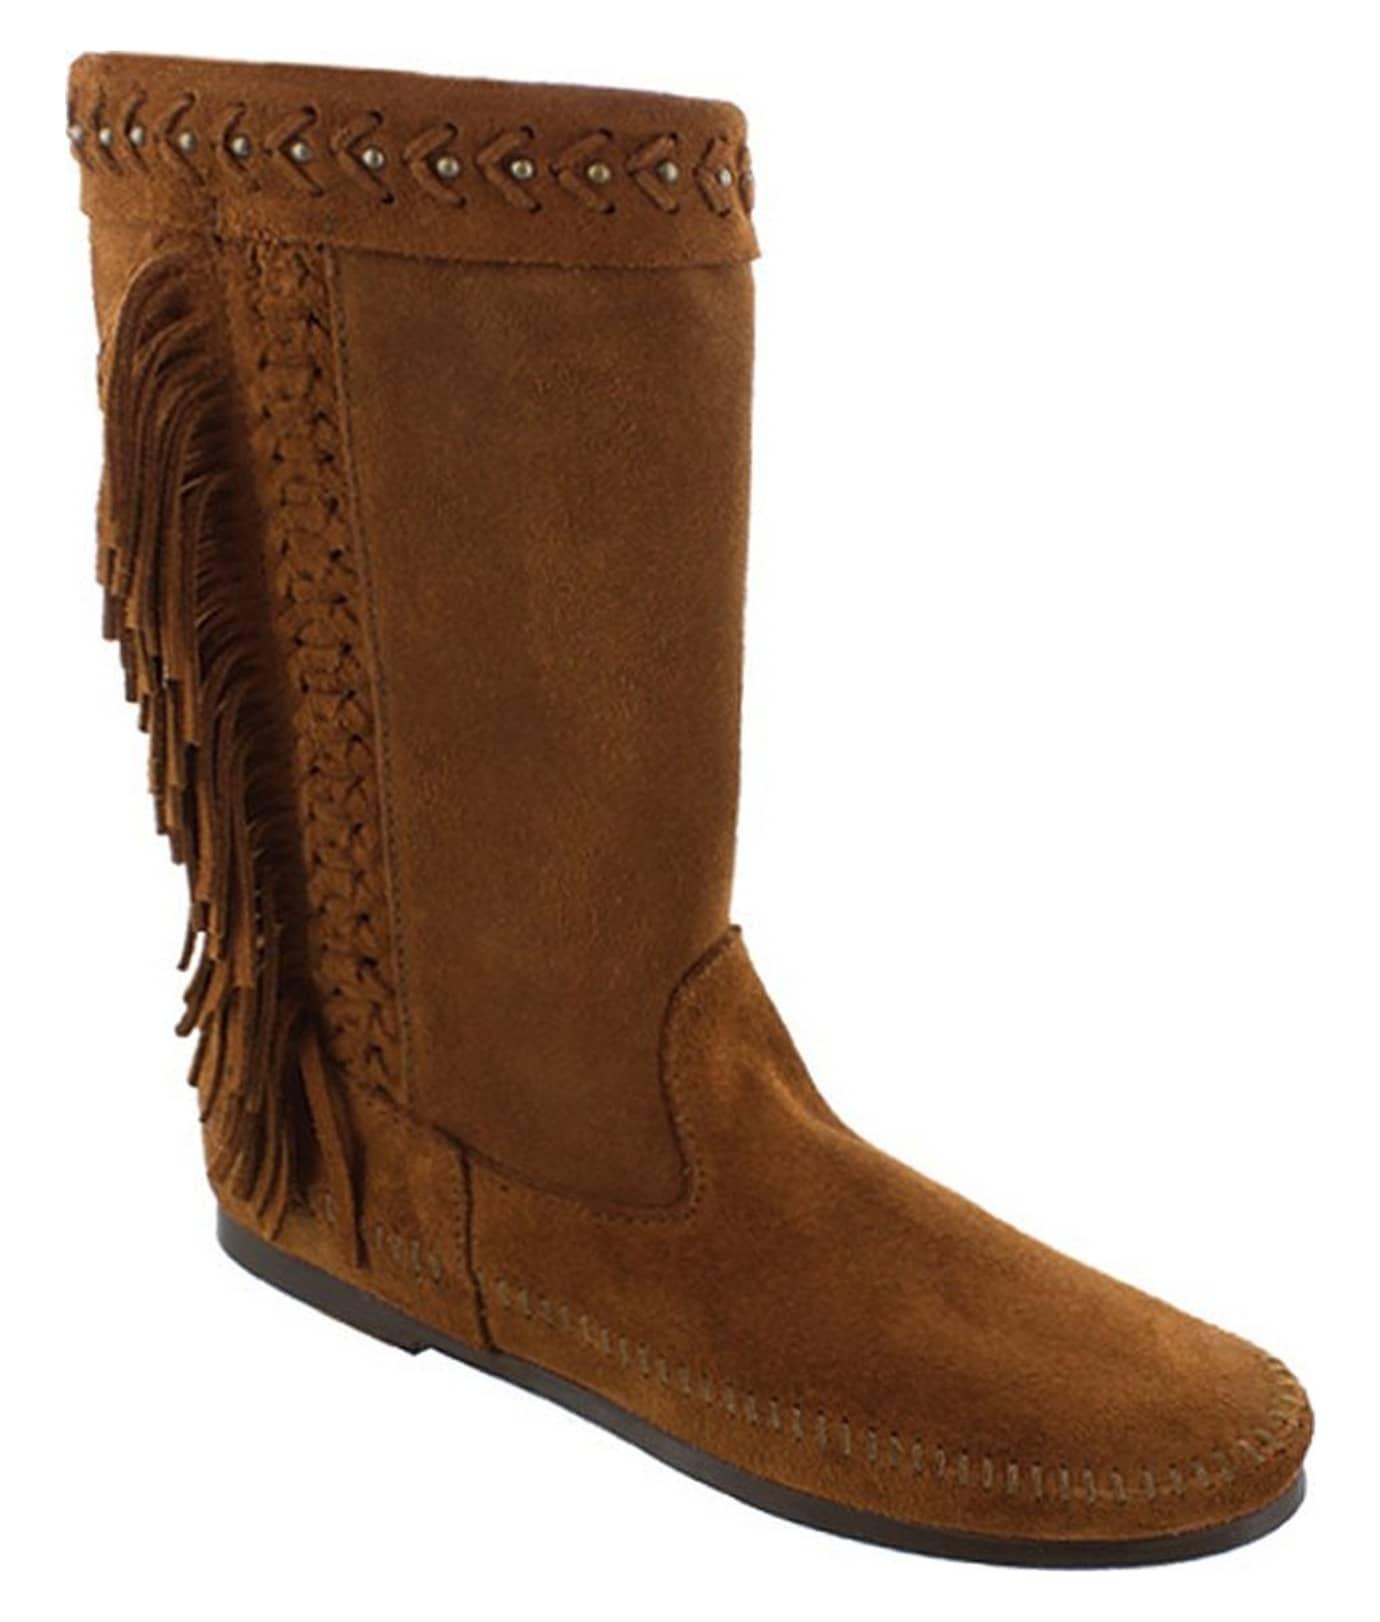 Canada Goose Zipper Cowboy Boots